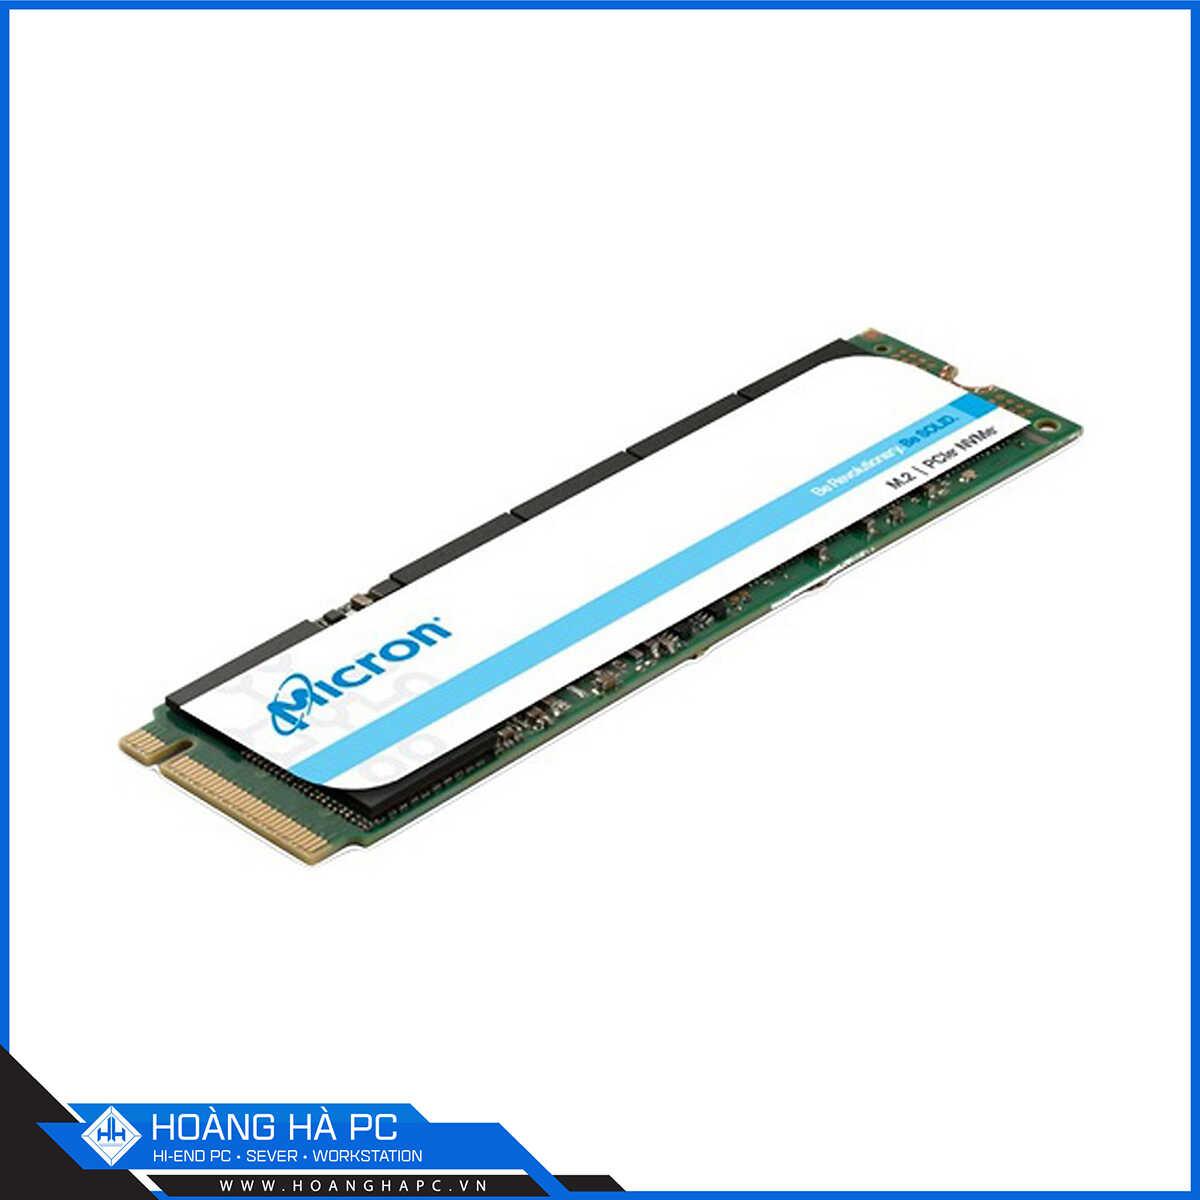 SSD Micron 2200s 512GB M2 2280 NVMe PCIe Gen 3.0 x 4